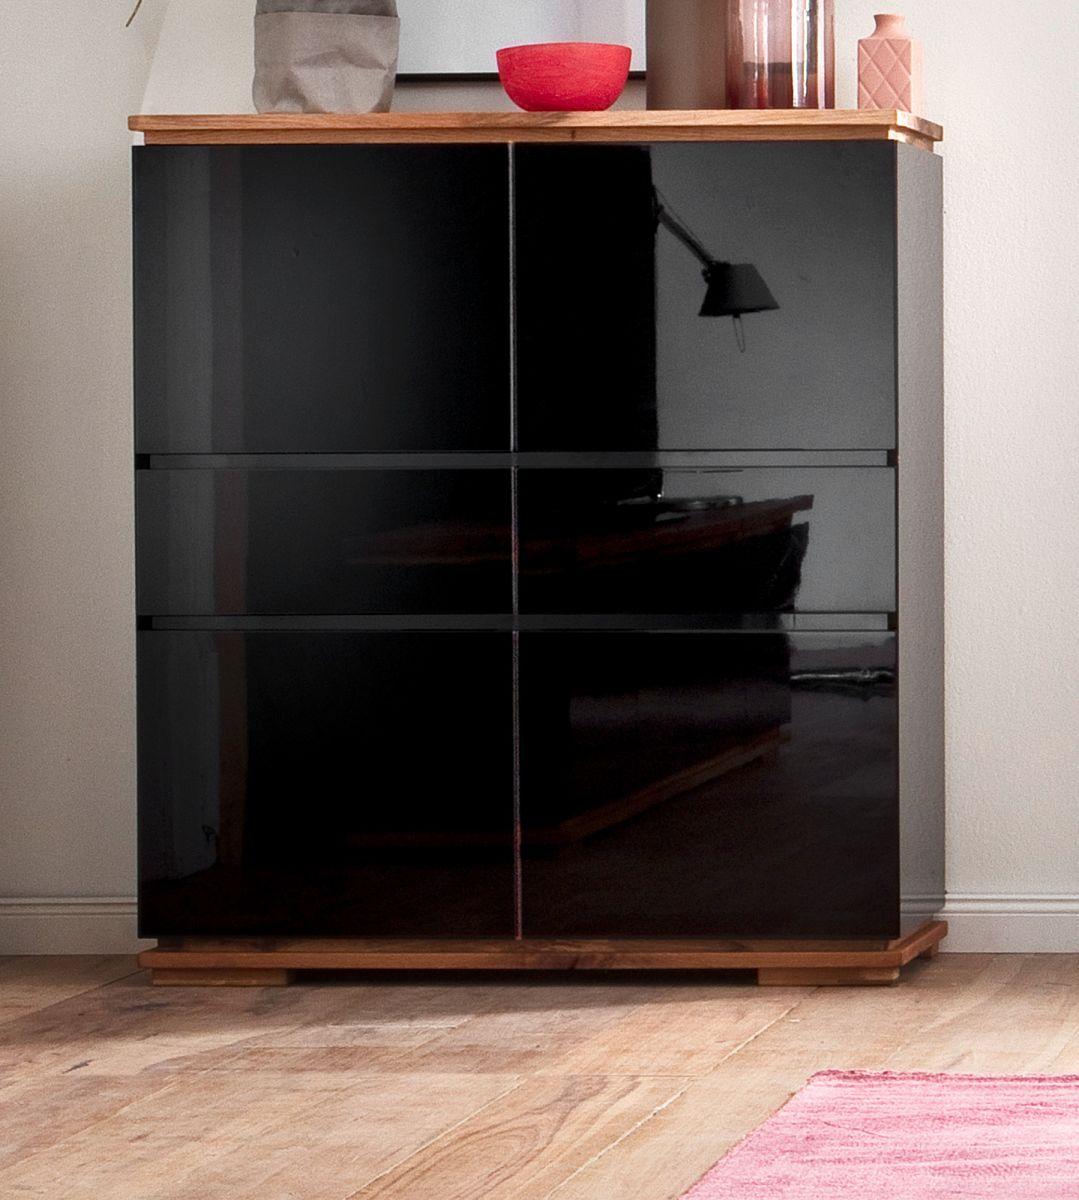 Highboard Chiaro schwarz Hochglanz Lack und Eiche - Asteiche massiv 102 x 115 cm